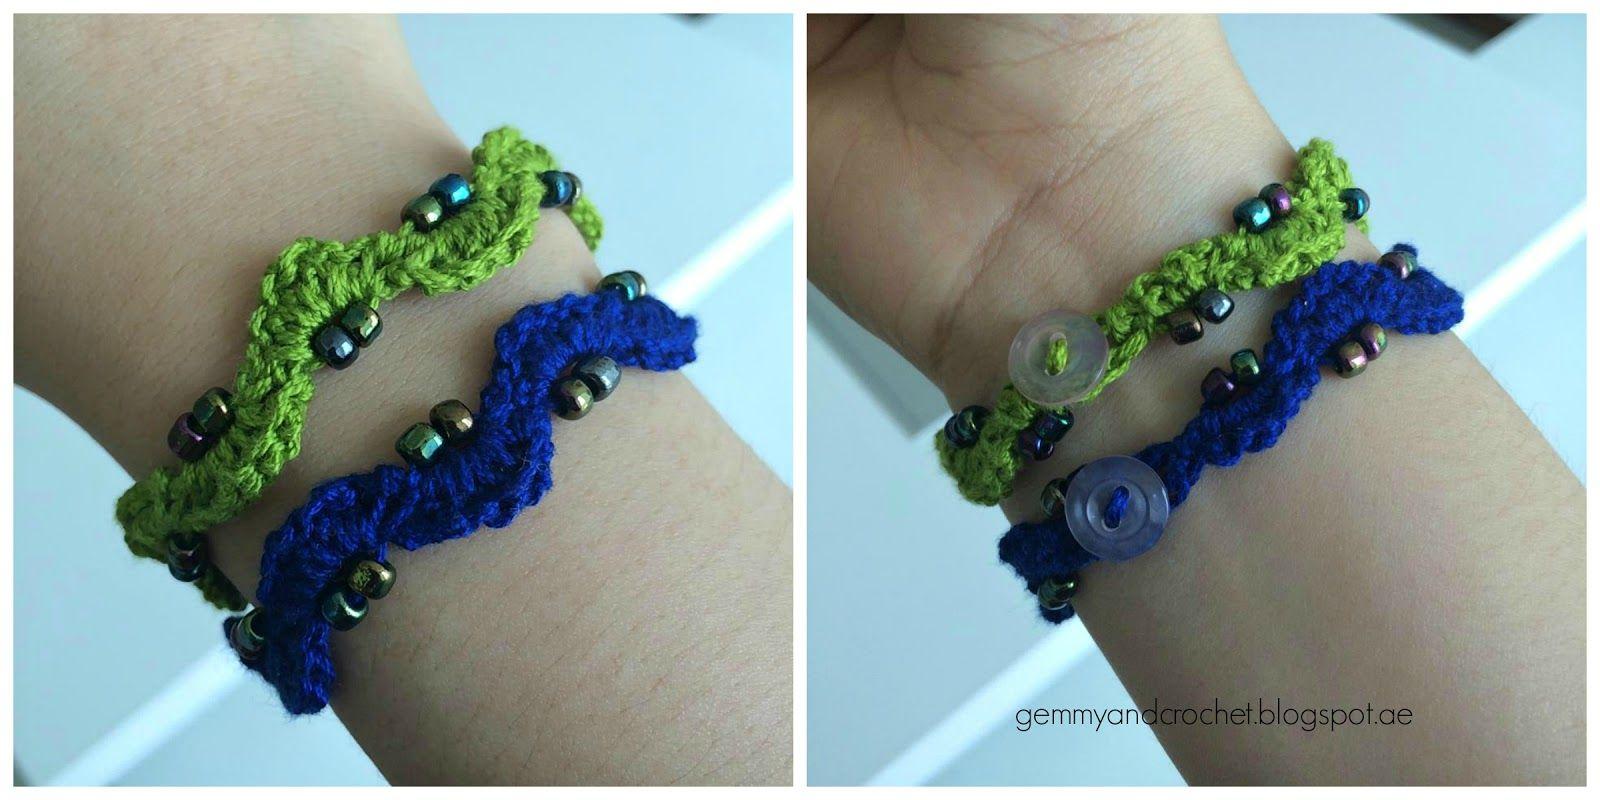 ALL ABOUT CROCHET: Free Pattern: Beaded Crochet Chain Bracelet ...